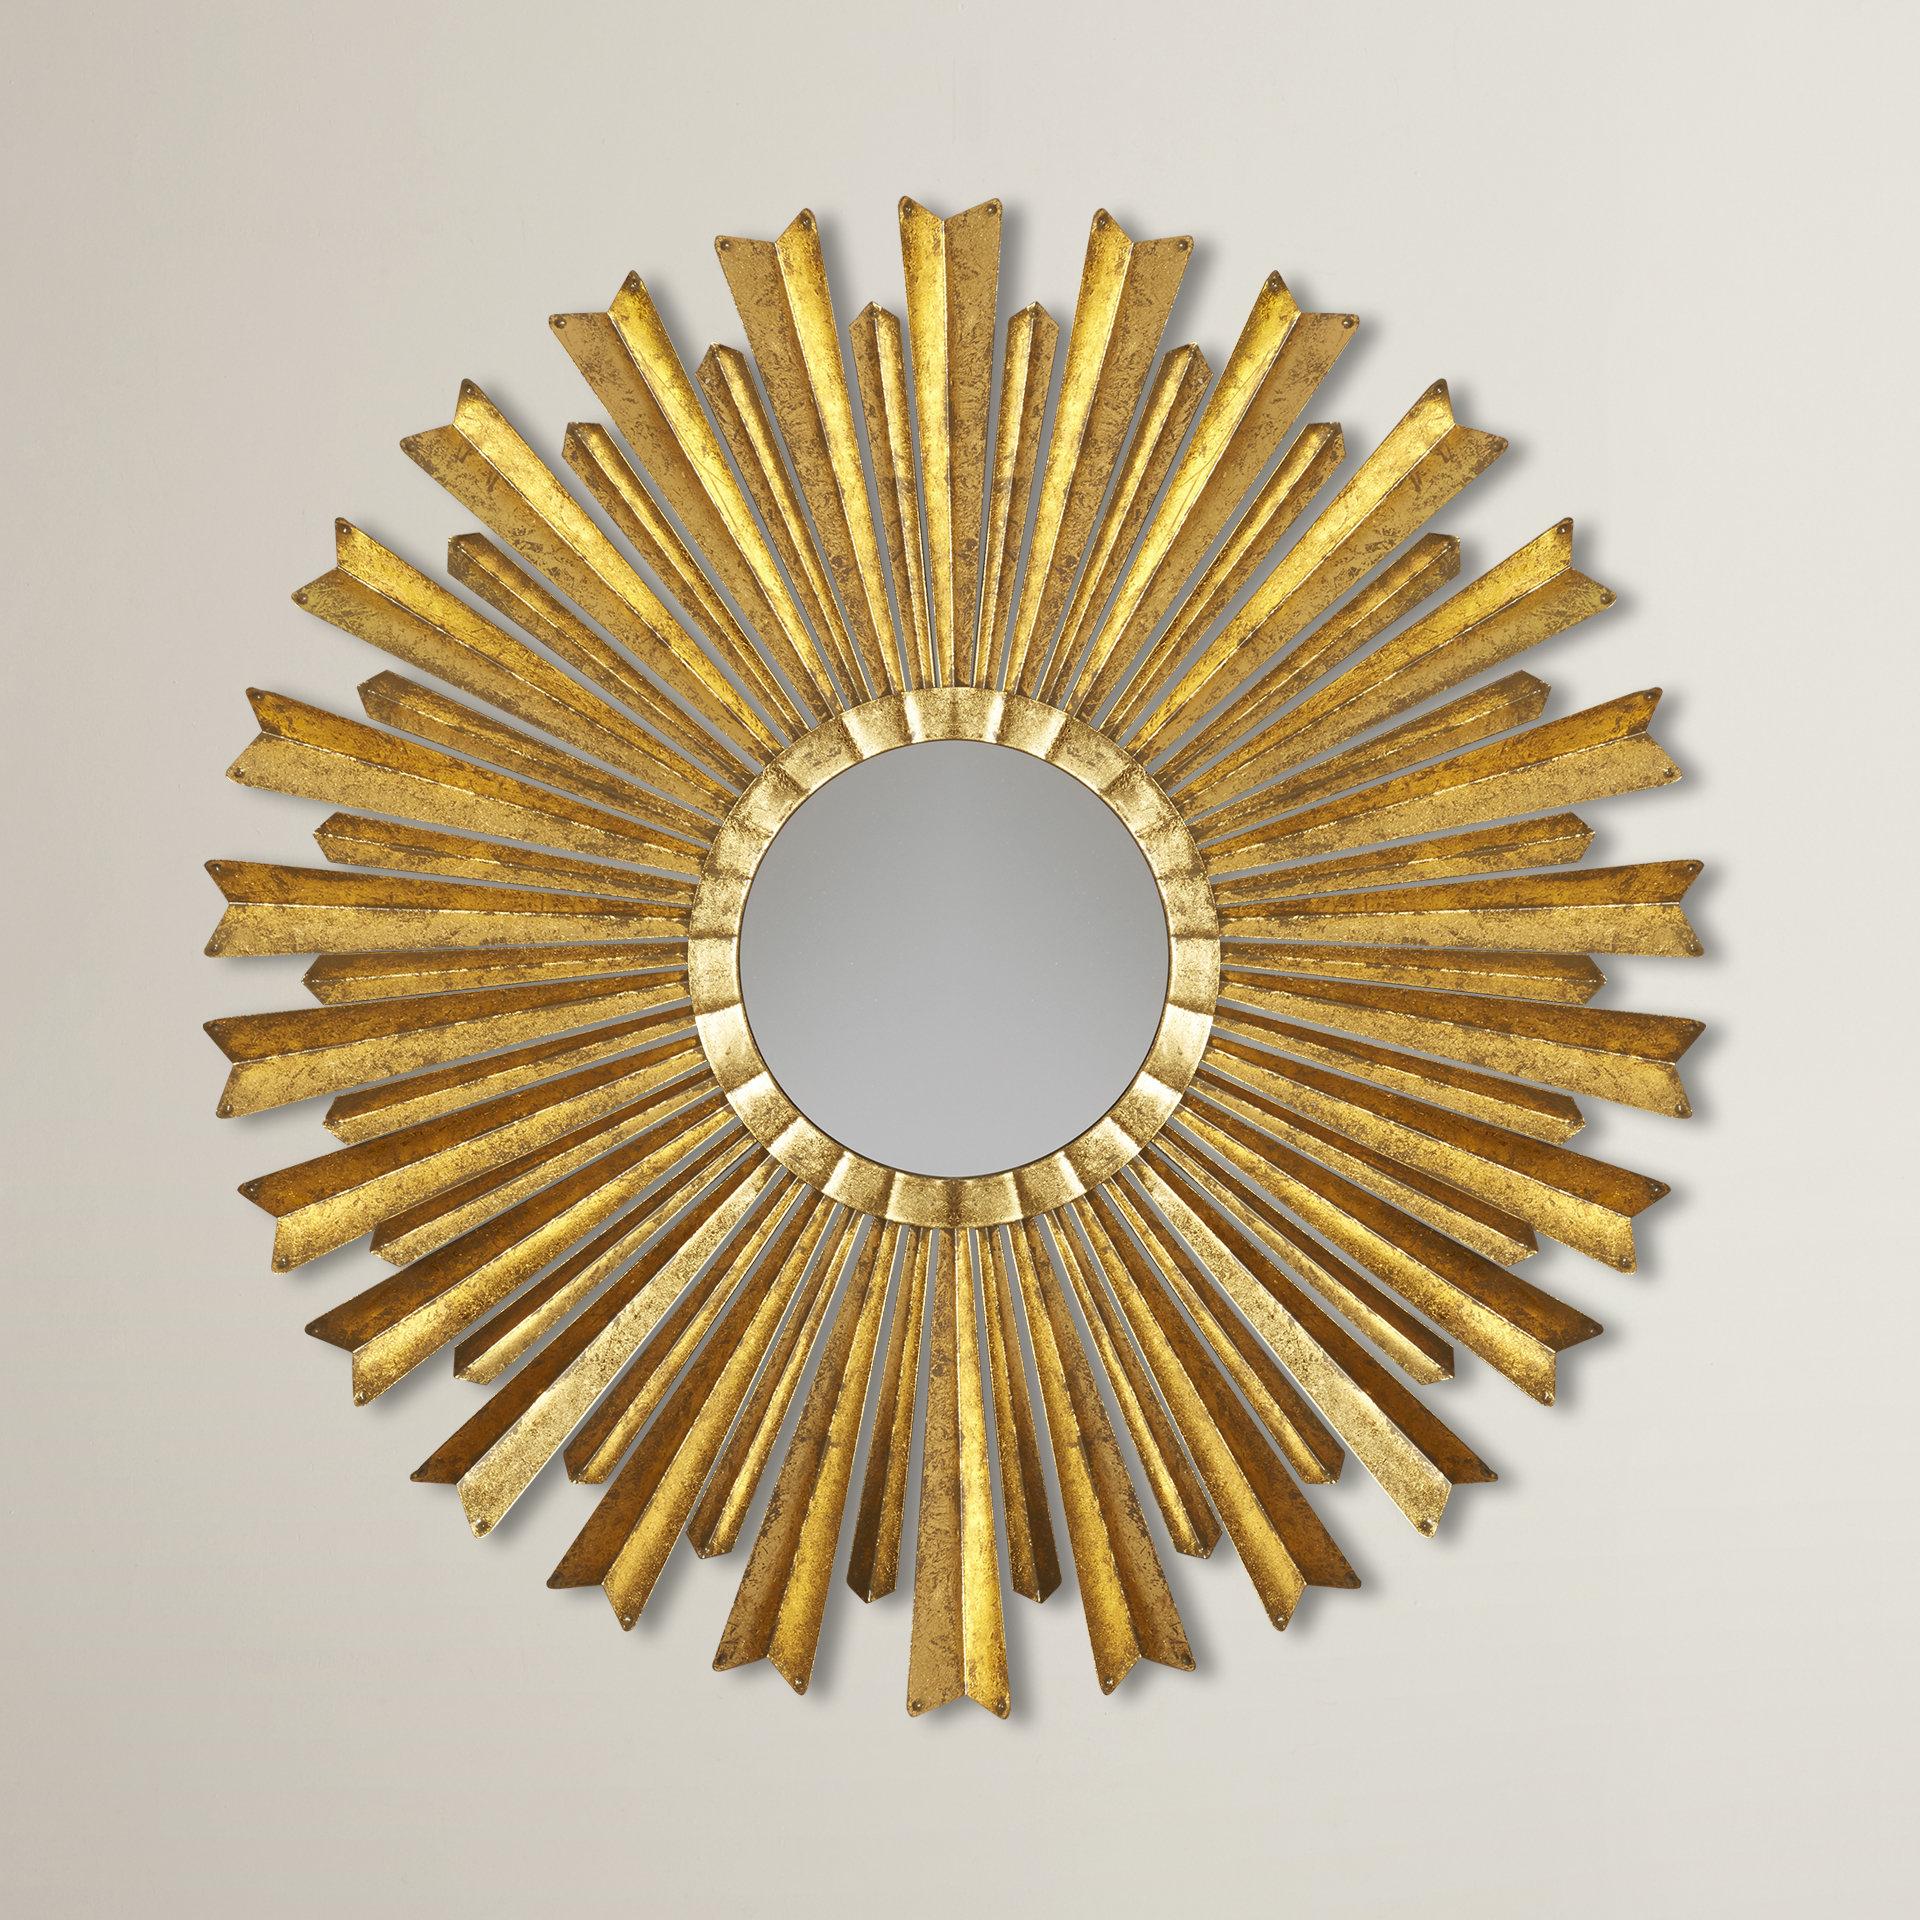 Birksgate Sunburst Accent Mirror With Regard To Jarrod Sunburst Accent Mirrors (Image 2 of 20)